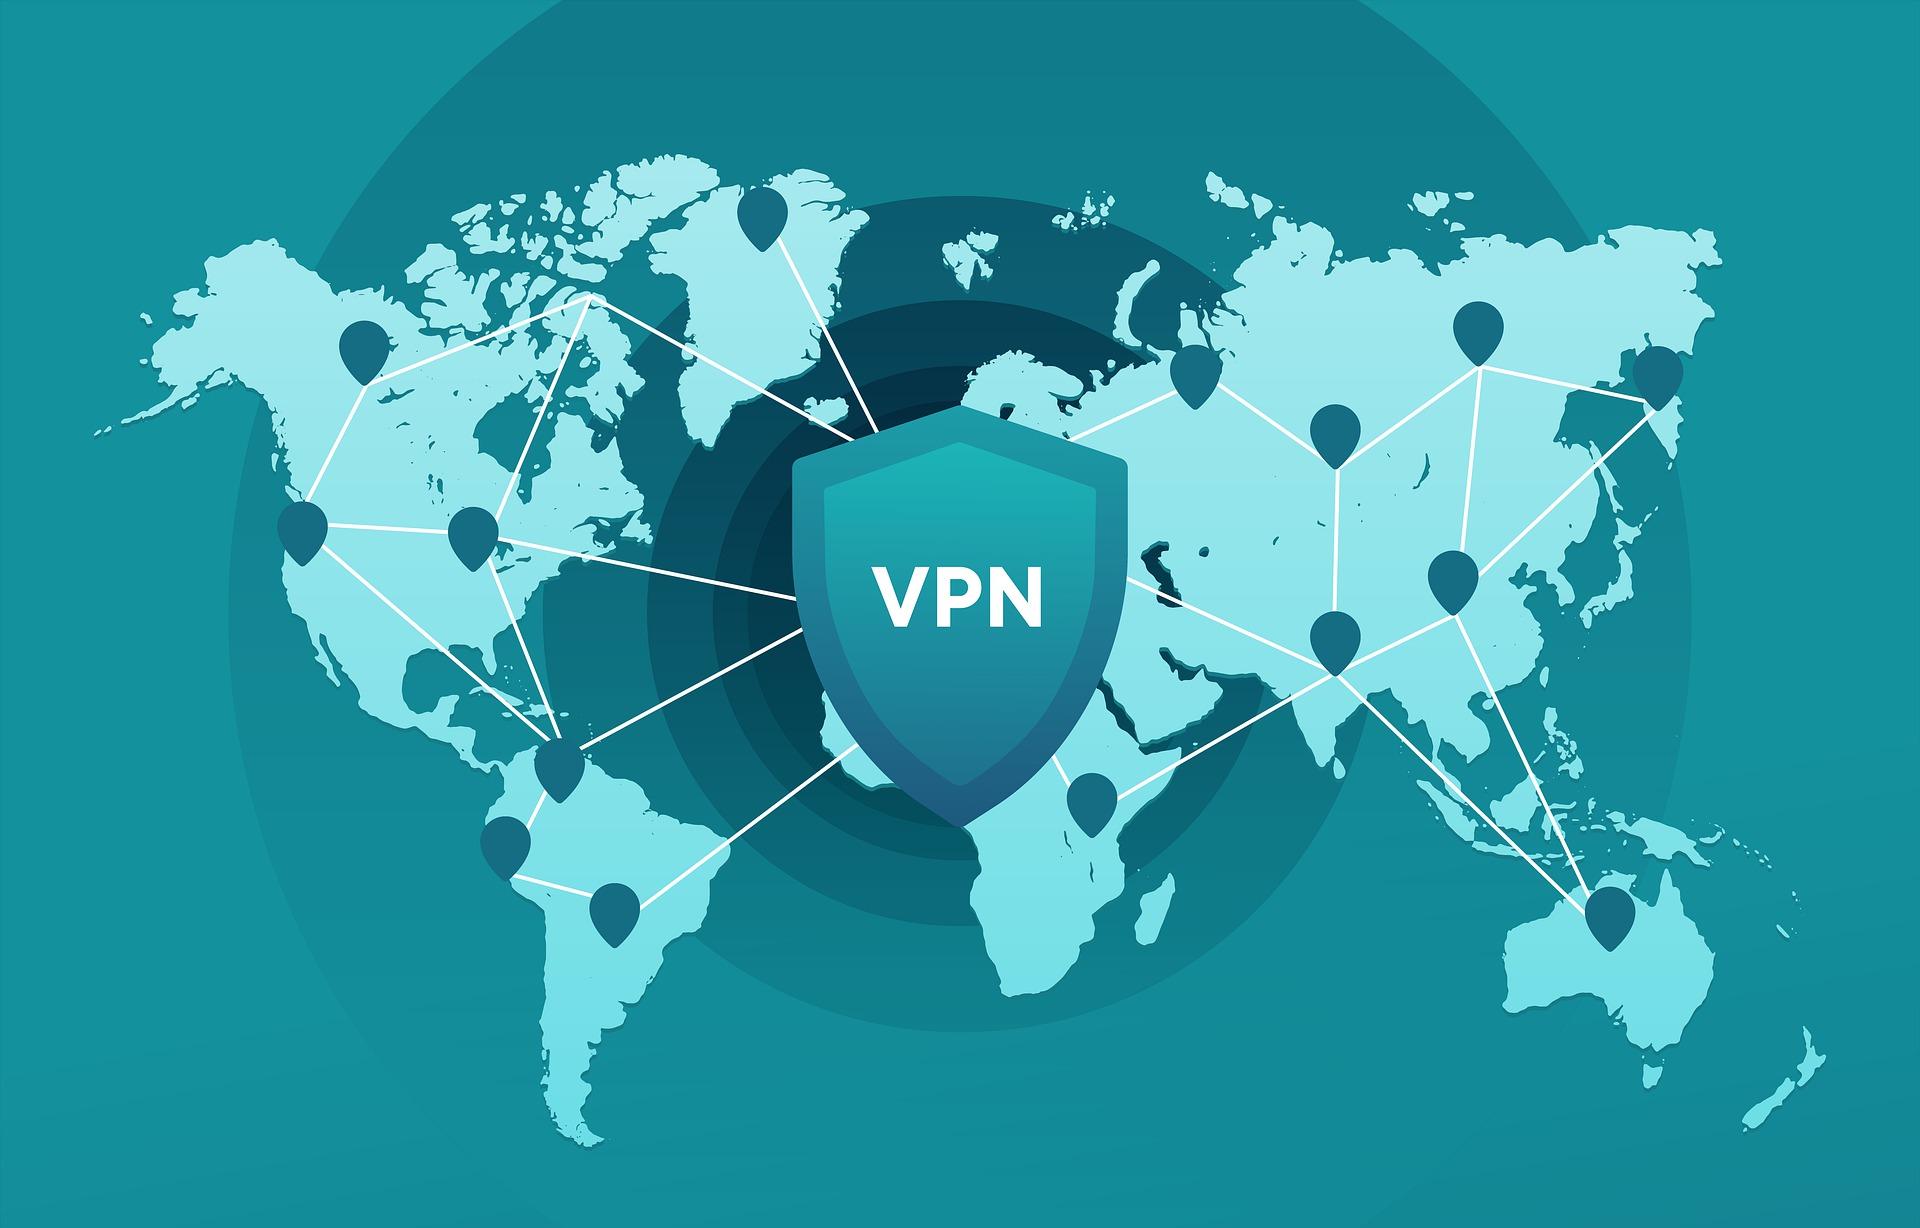 vpn come funziona - Horizon Zero Dawn PC: in Argentina il prezzo sale a causa di approfittatori esteri